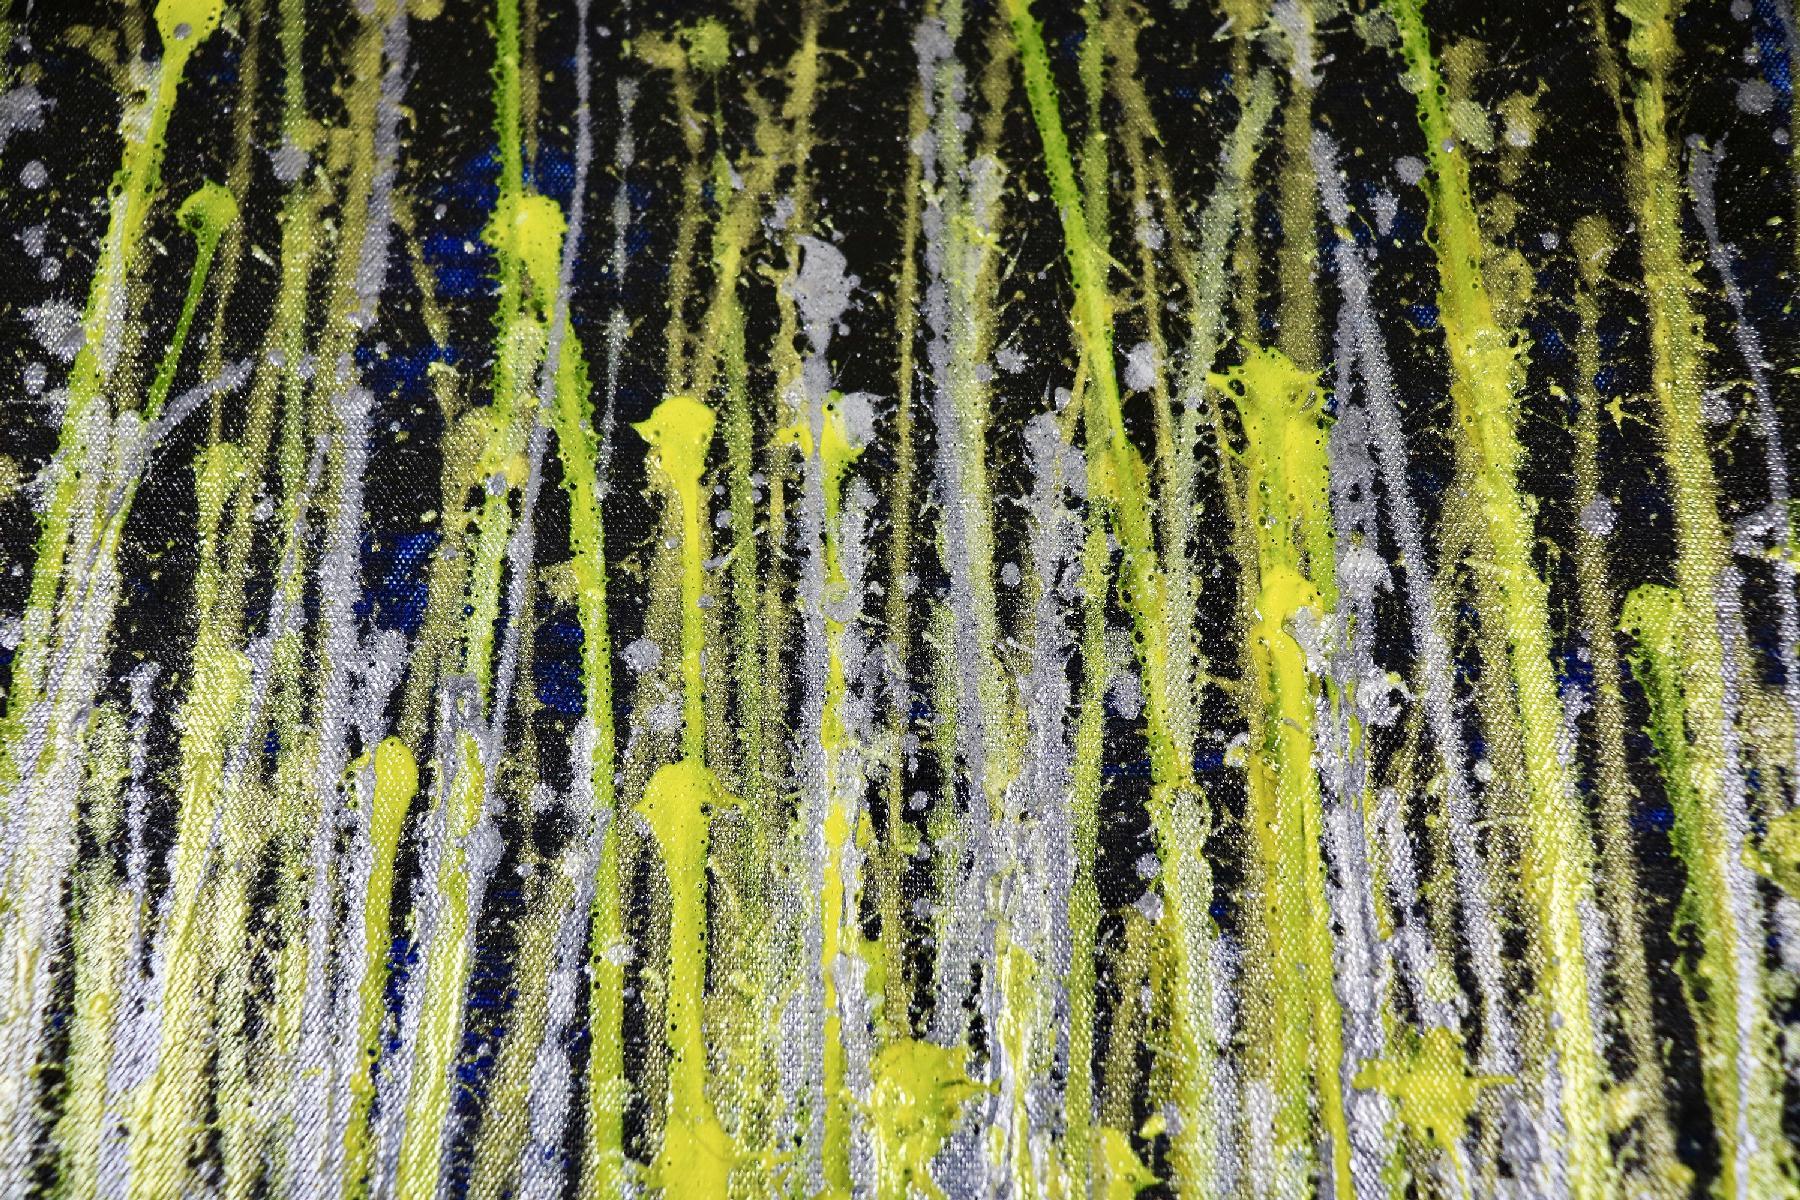 Detail - A closer look (Luminance garden) 3 (2020) by Nestor Toro